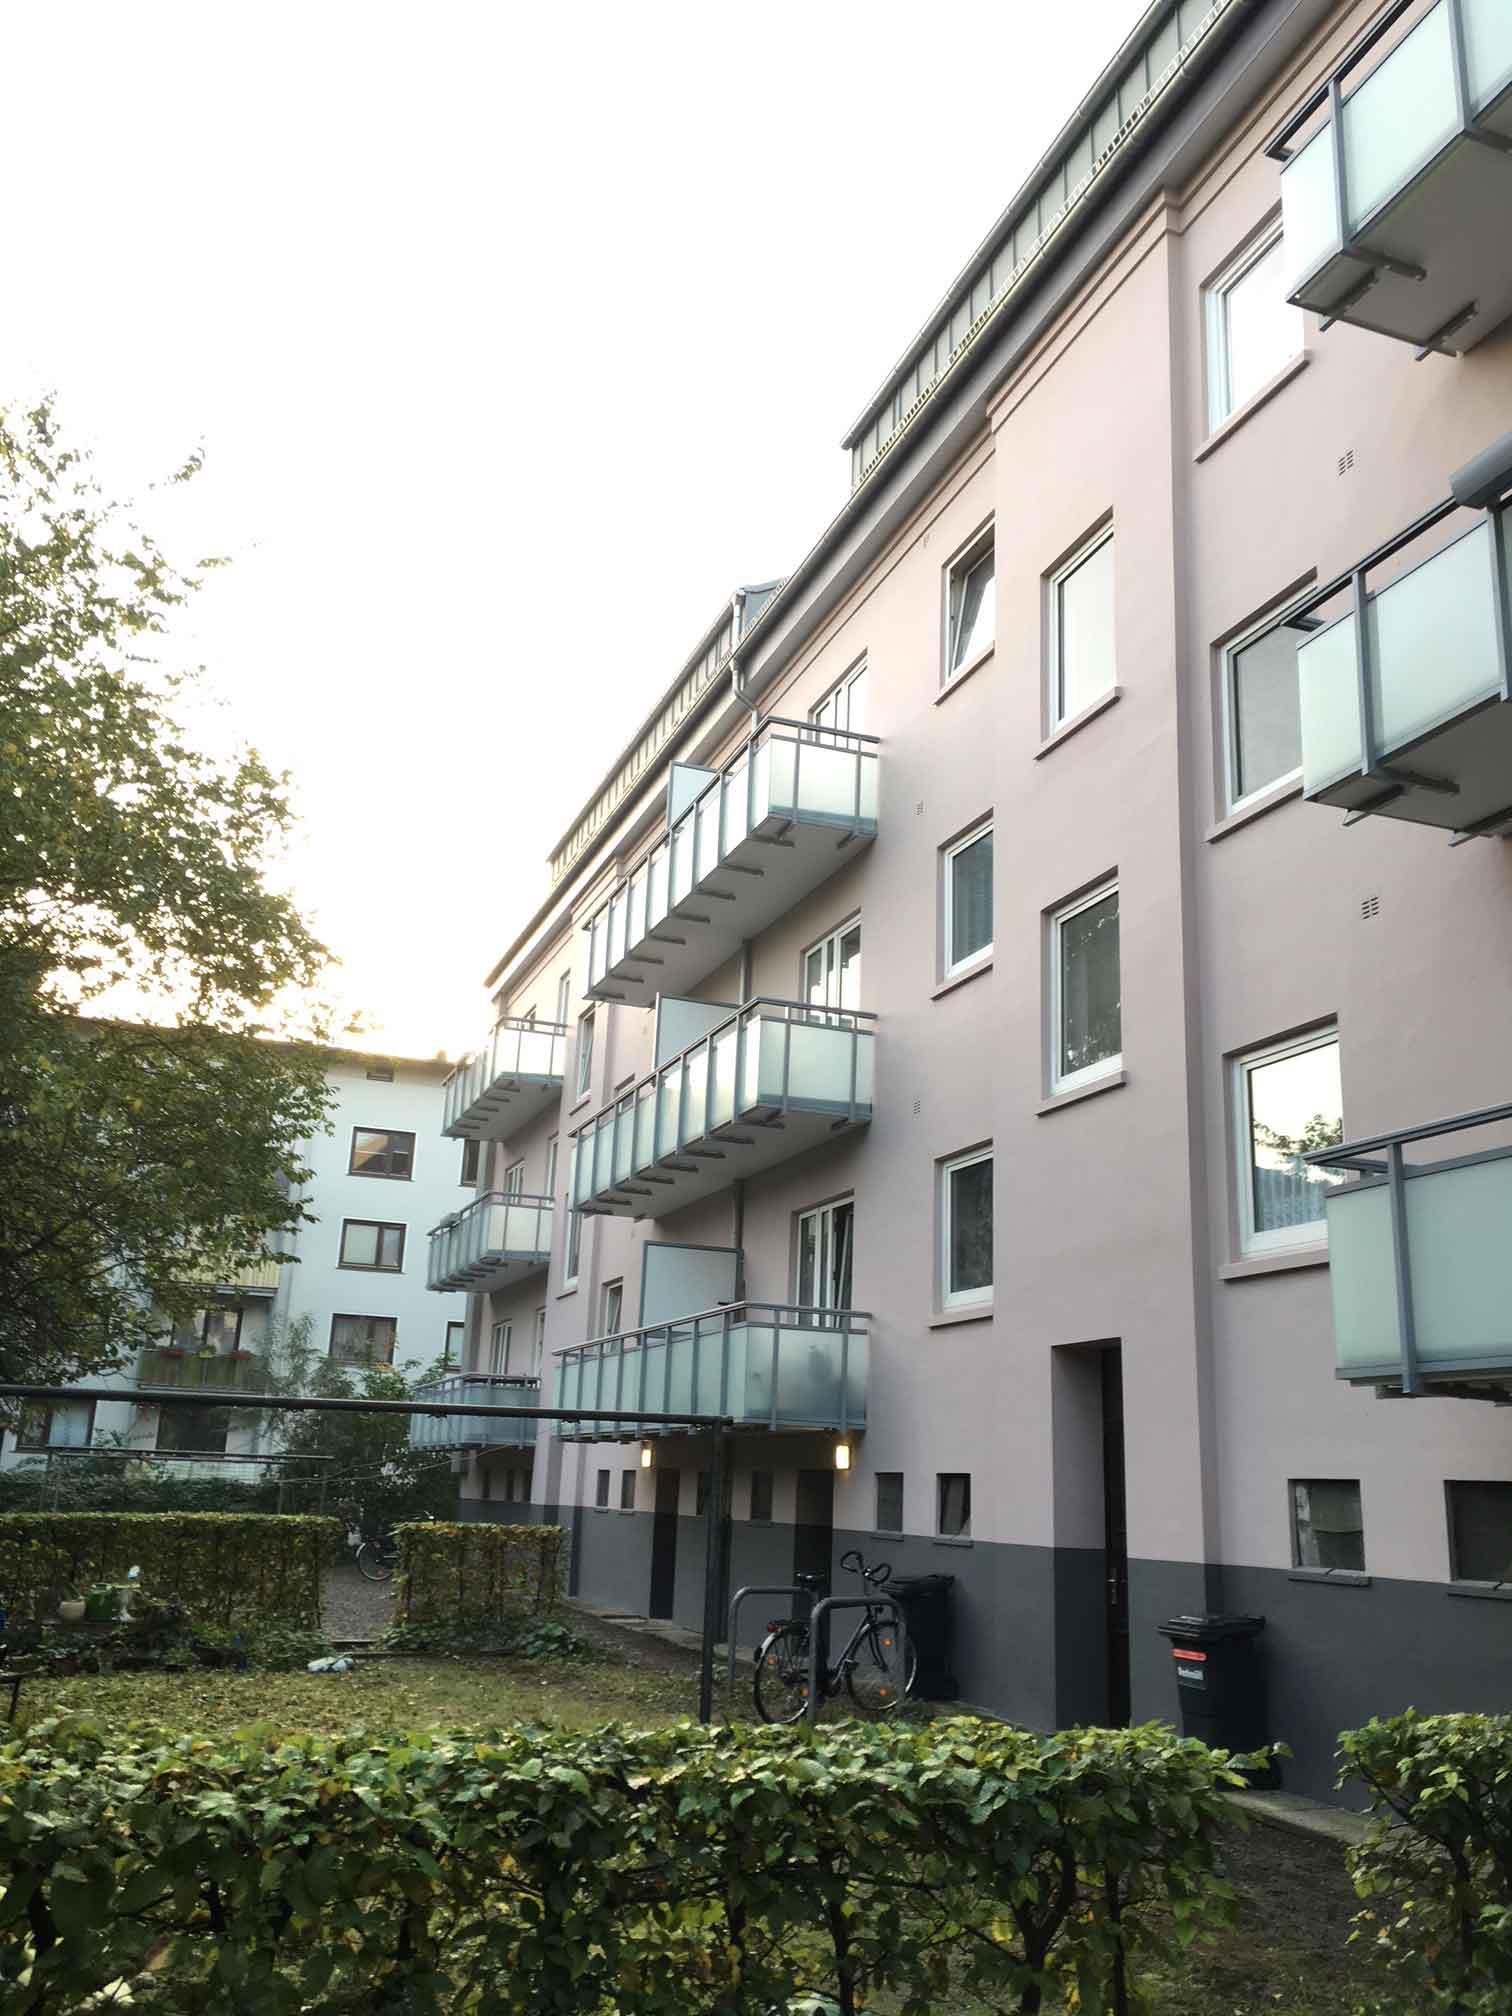 Ansicht Hamburger Straße 254 - 260